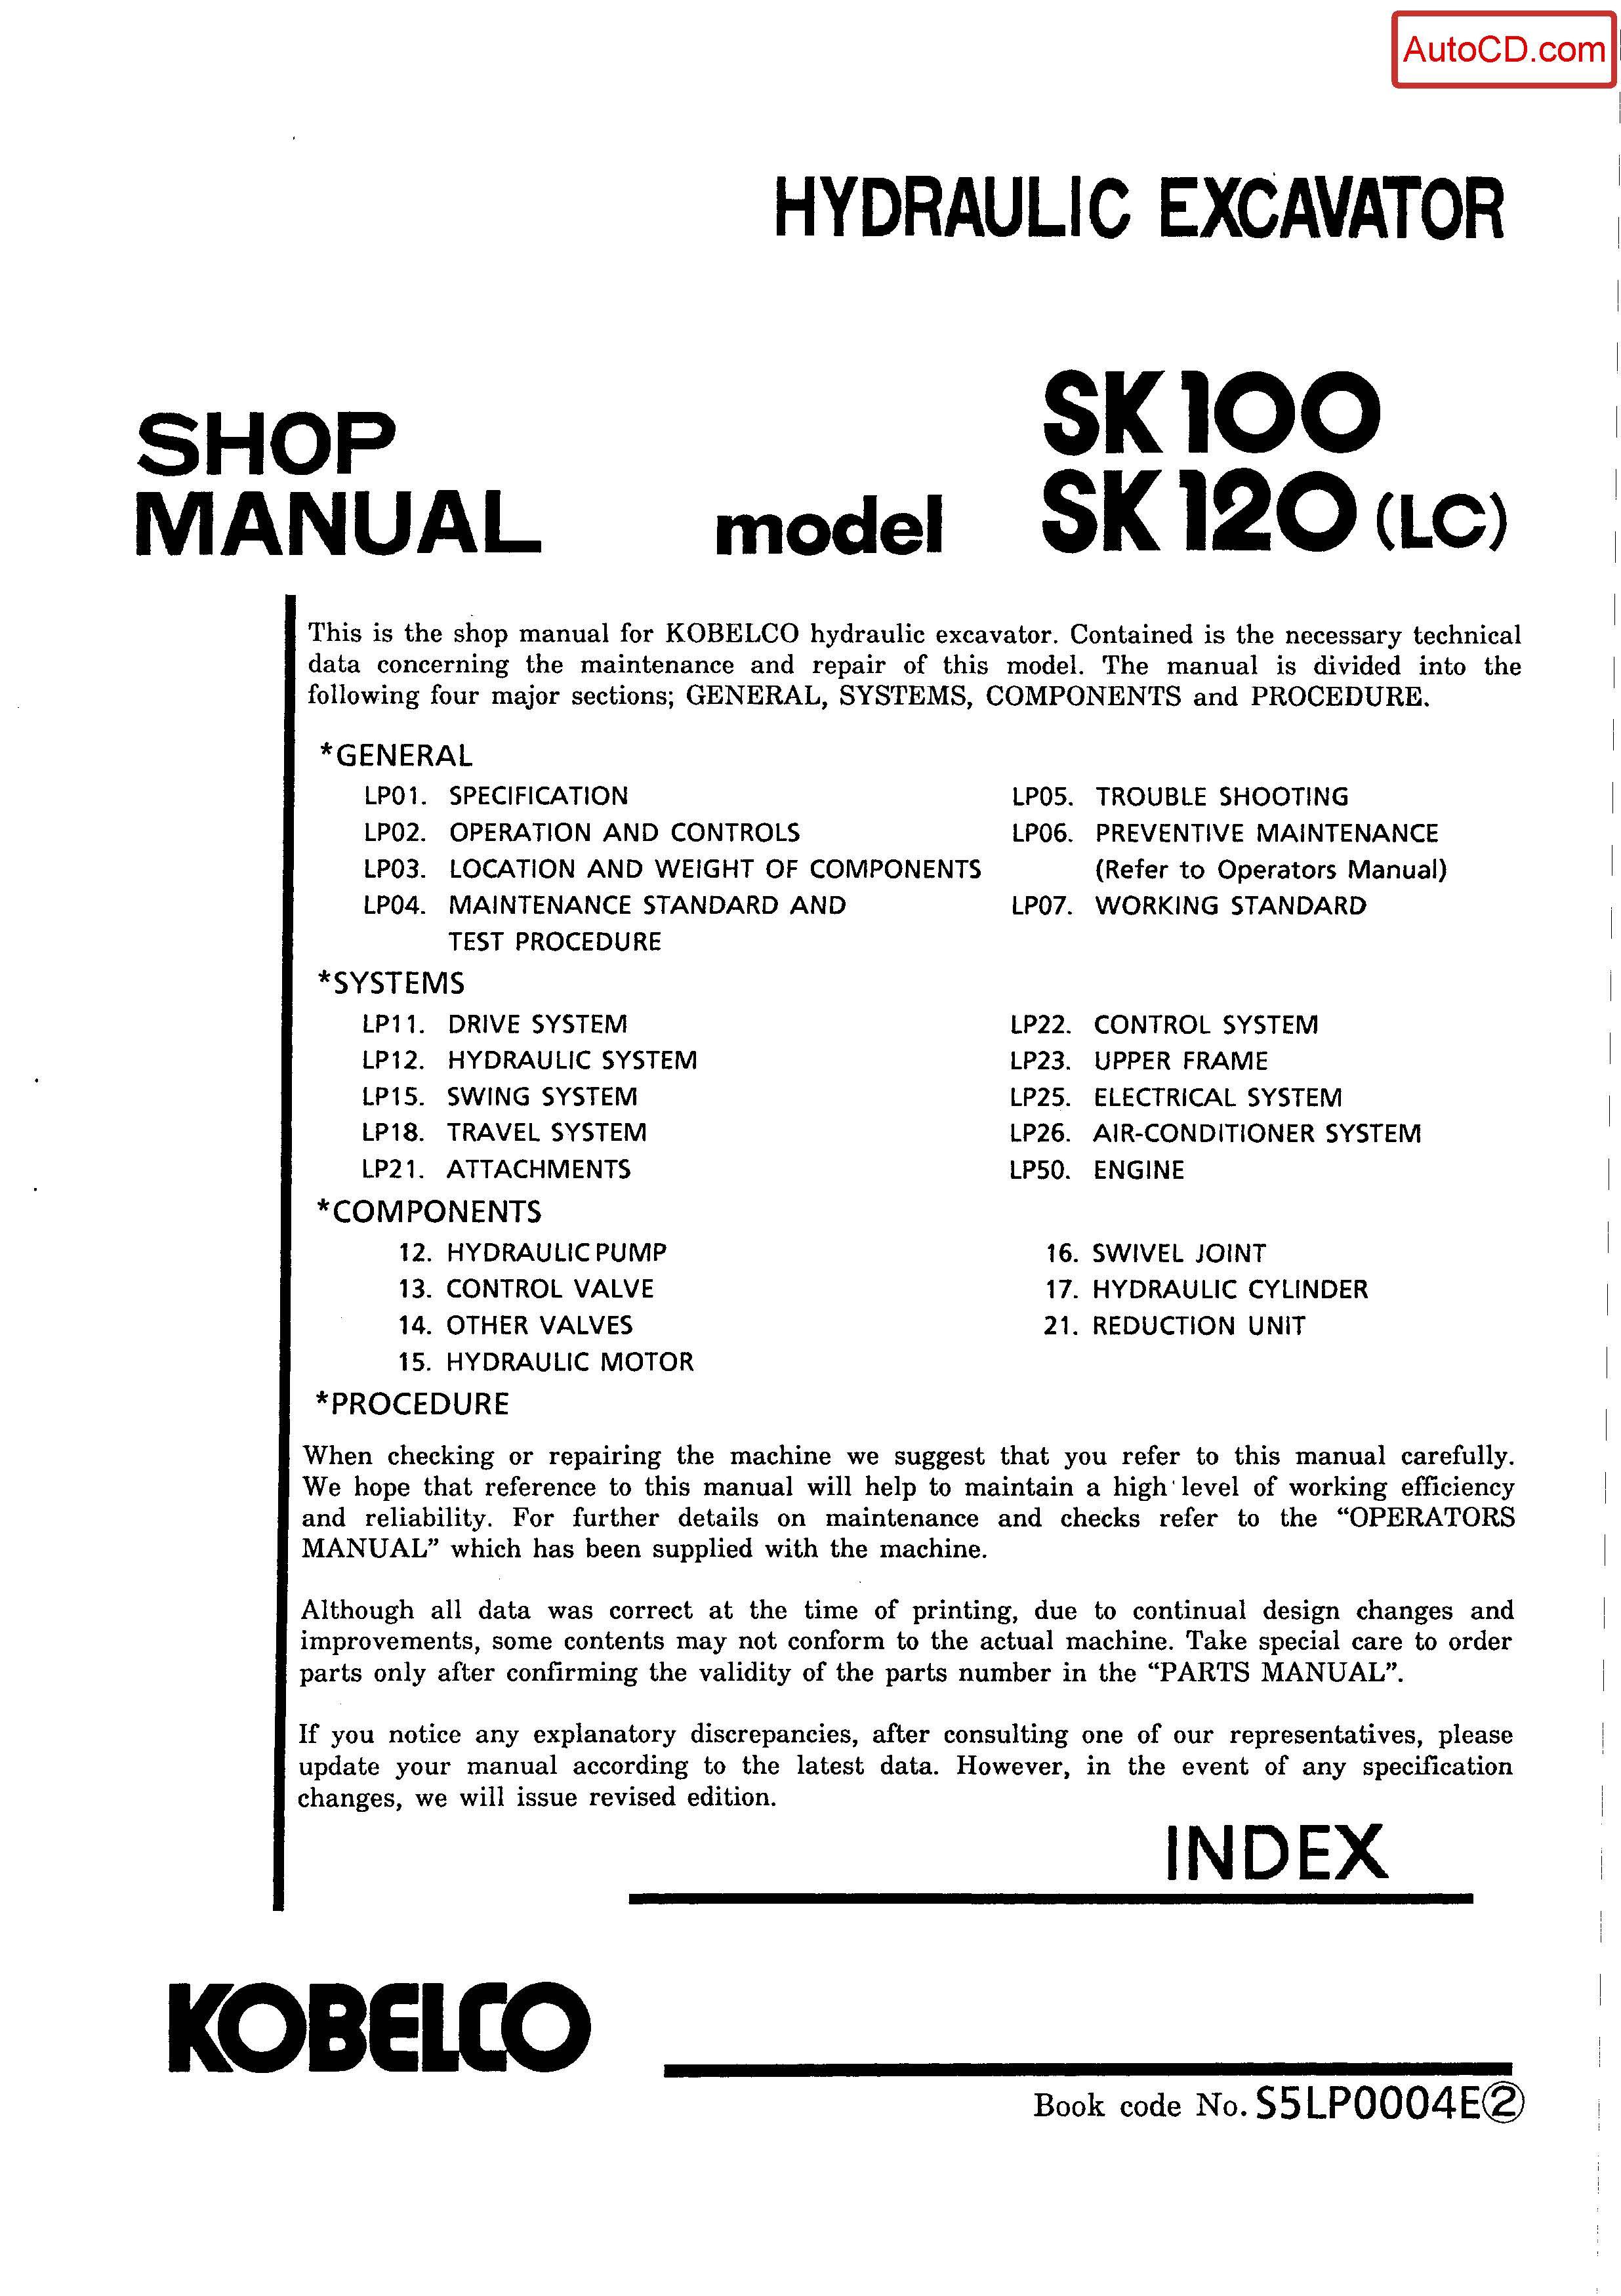 หนังสือ คู่มือซ่อม Kobelco Hydraulic Excavator SK100 , SK120(LC) (ข้อมูลทั่วไป ค่าสเปคต่างๆ วงจรไฟฟ้า วงจรไฮดรอลิกส์)